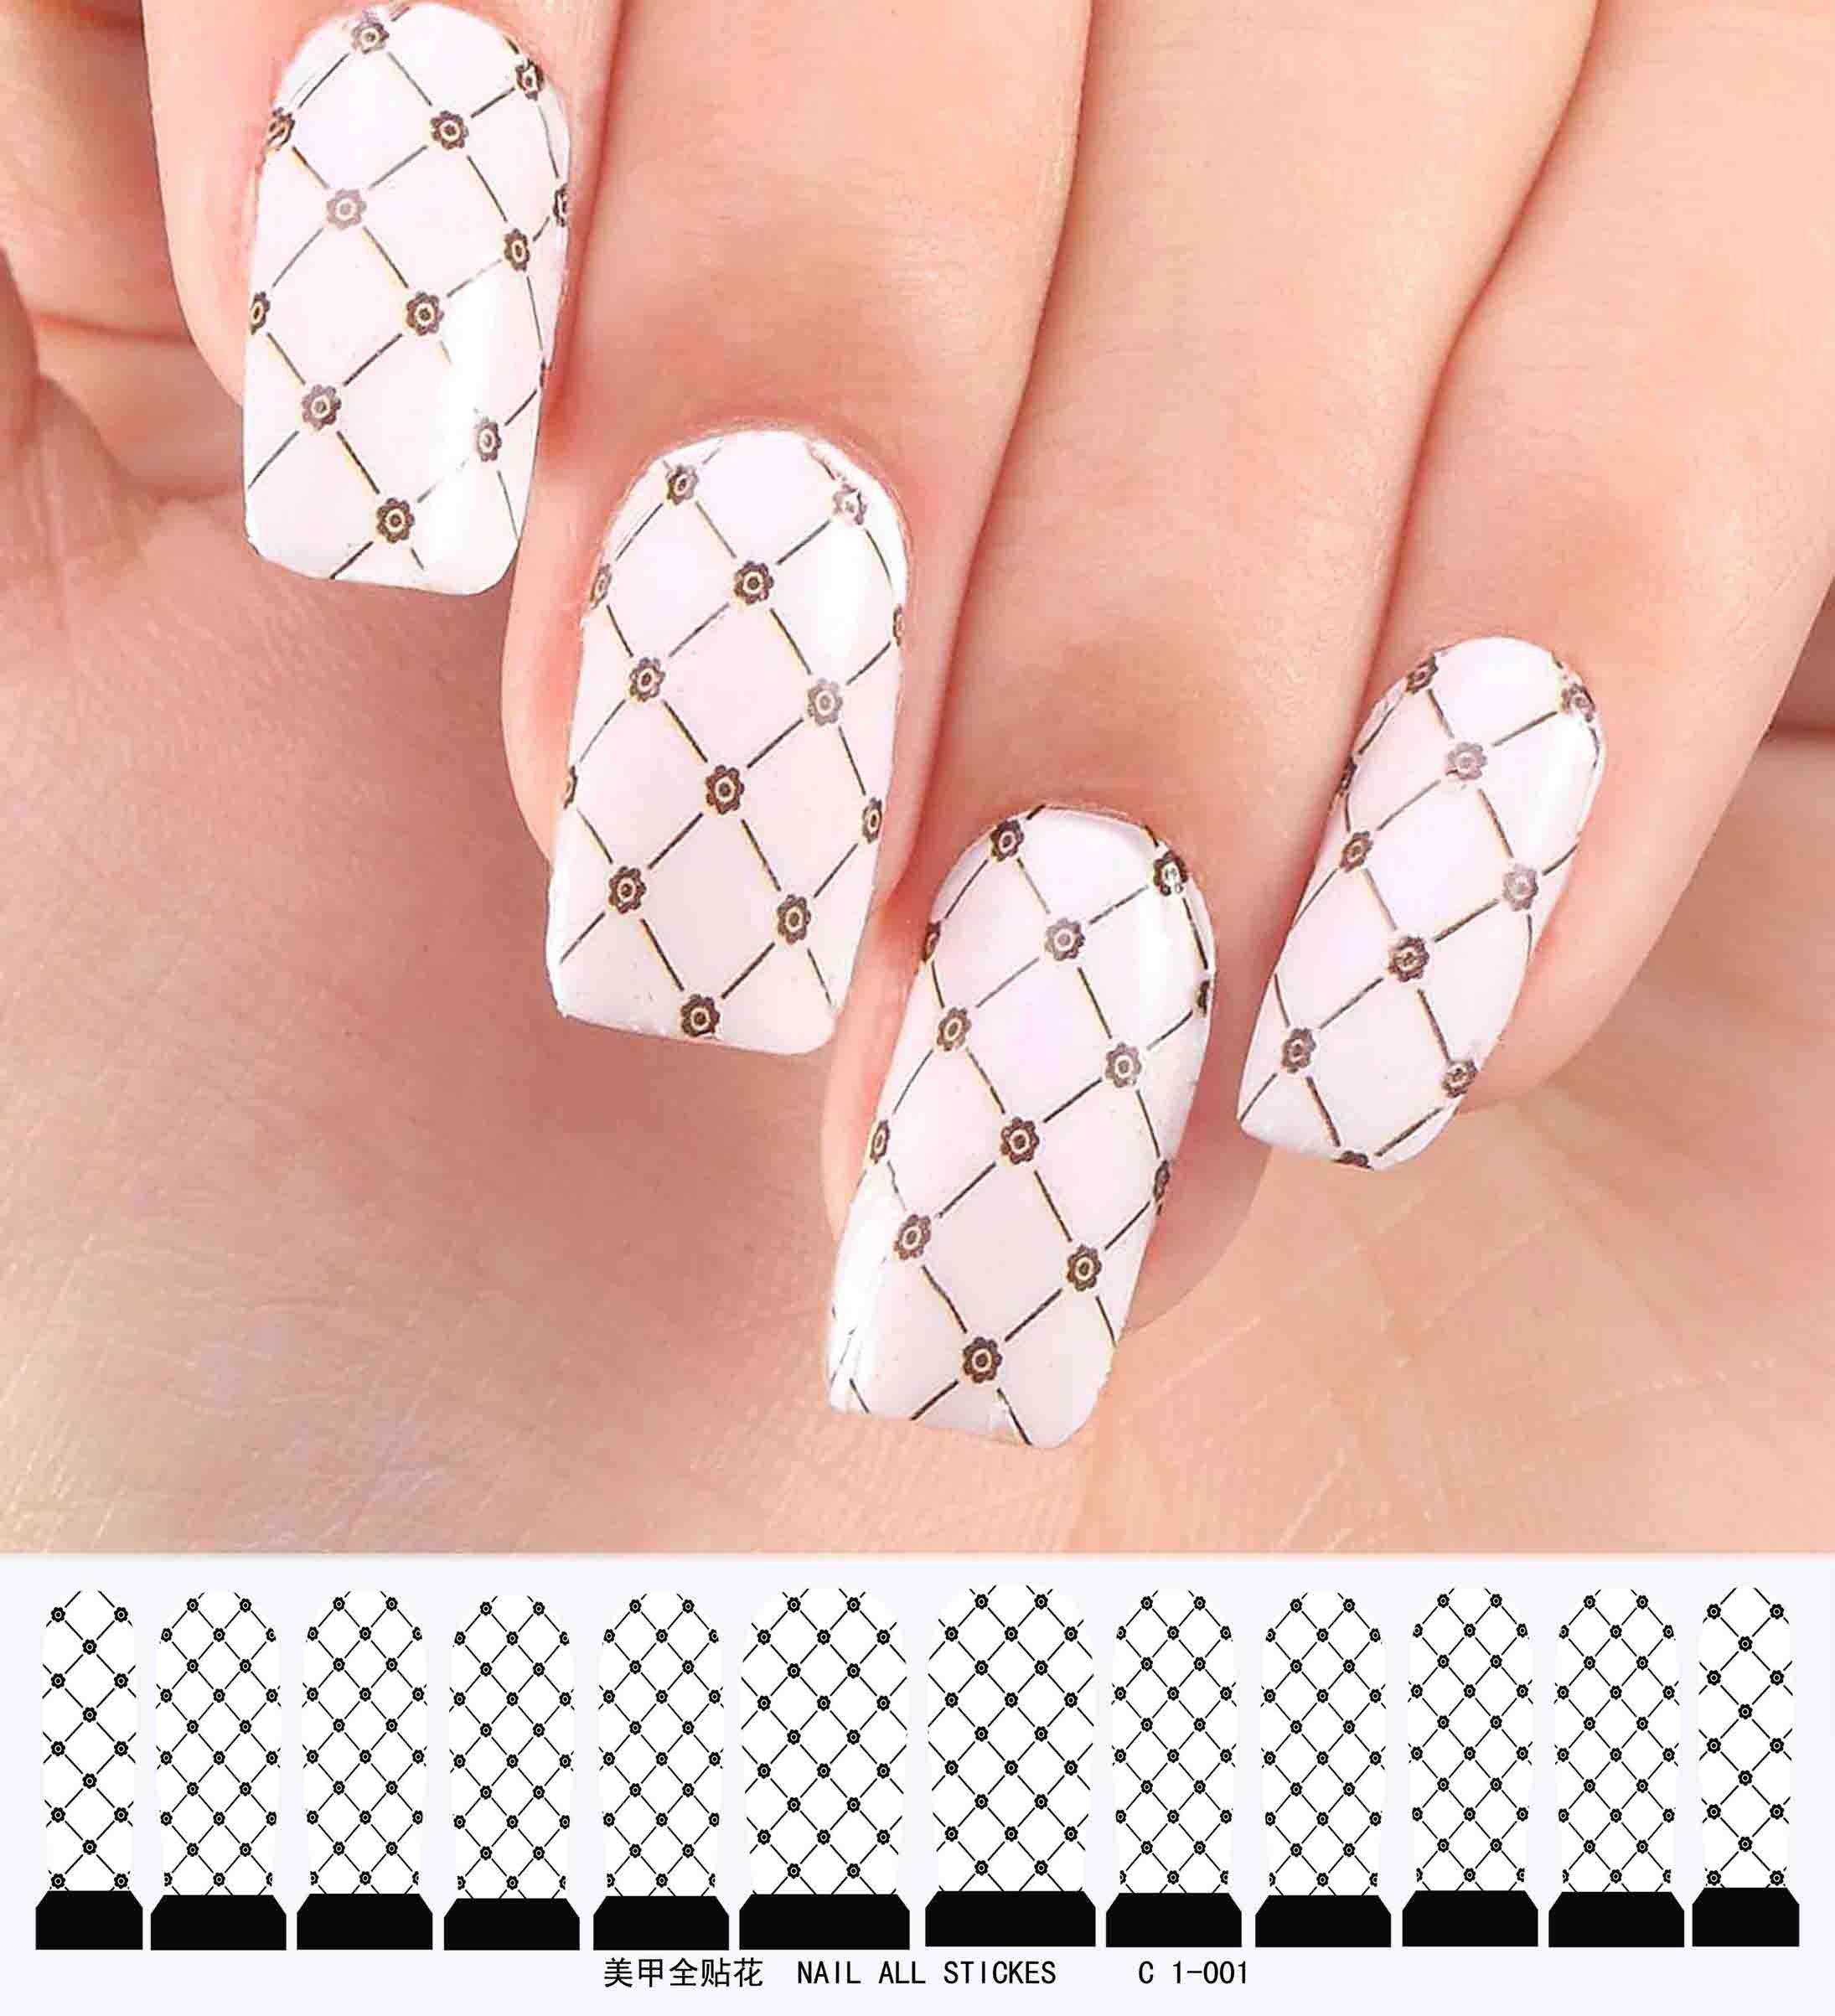 Дизайн с сеточкой для ногтей